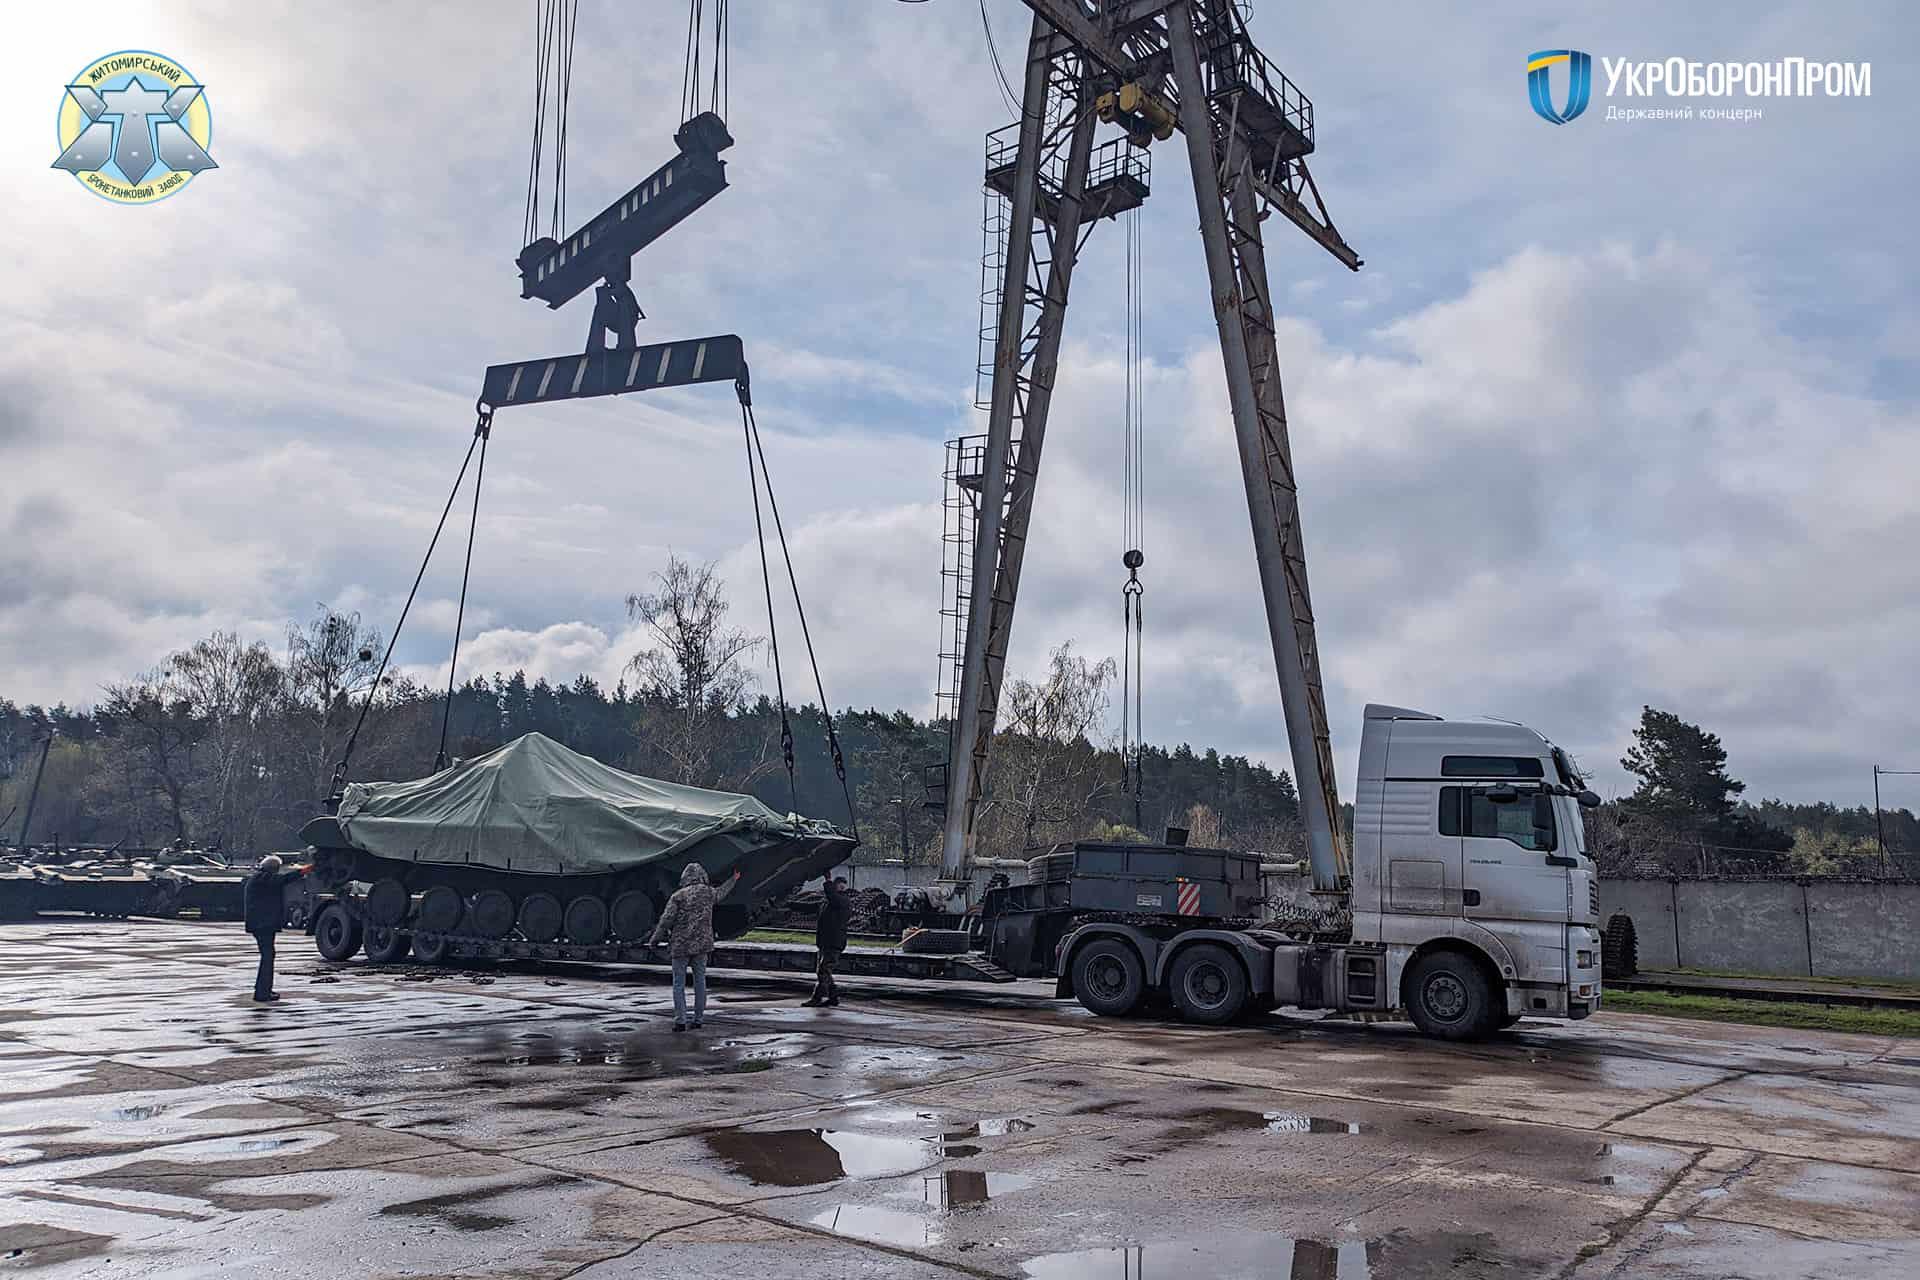 Завантаження бойової машини піхоти БМП-2 на автотрал